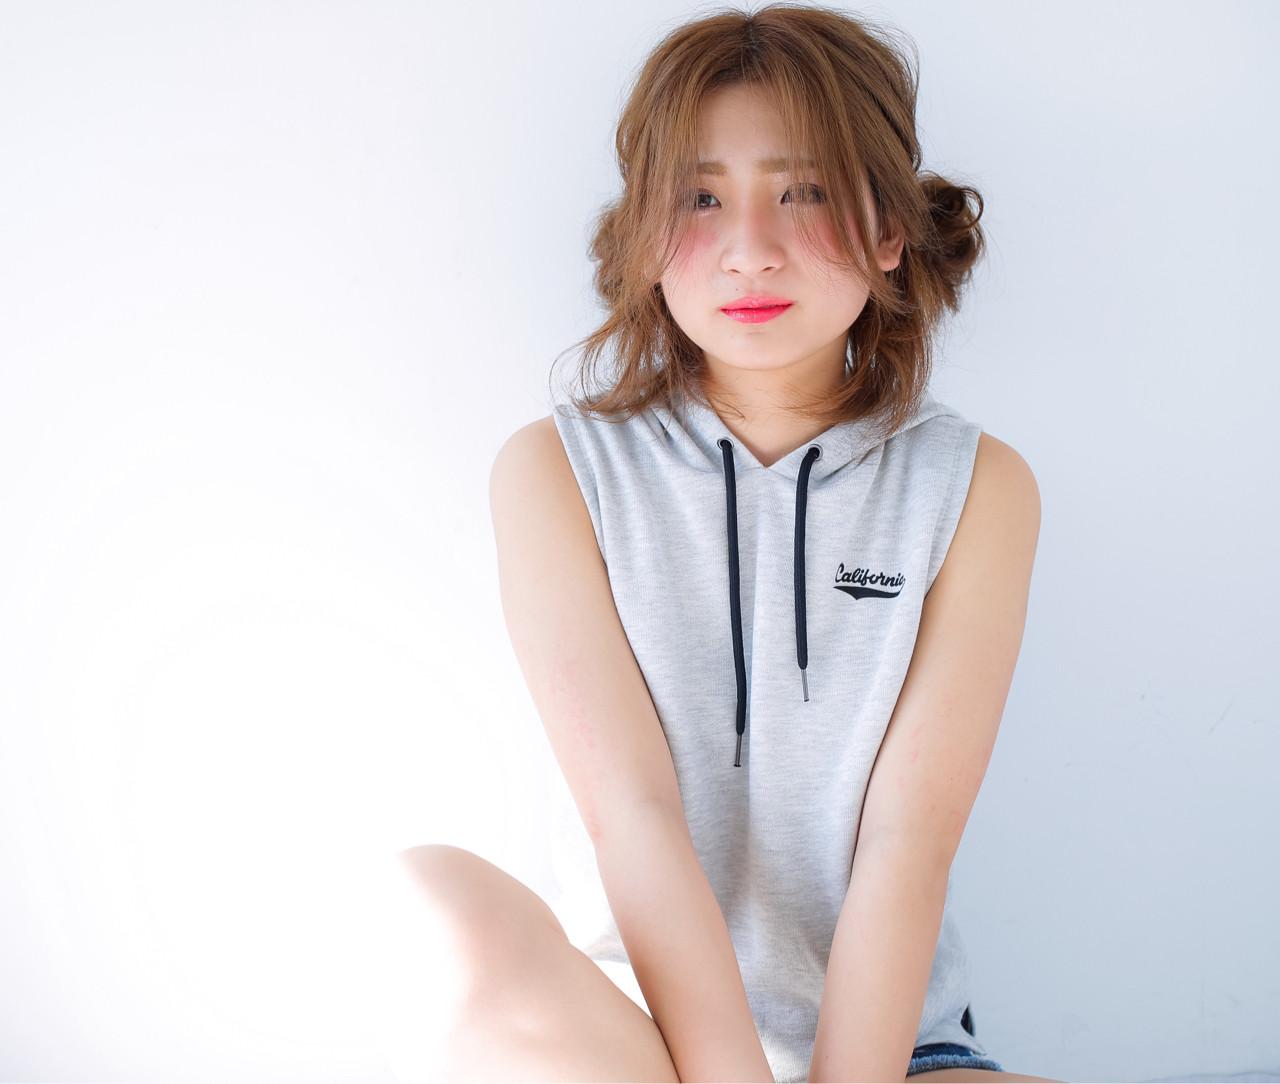 ミディアム ショート ピュア ヘアアレンジ ヘアスタイルや髪型の写真・画像